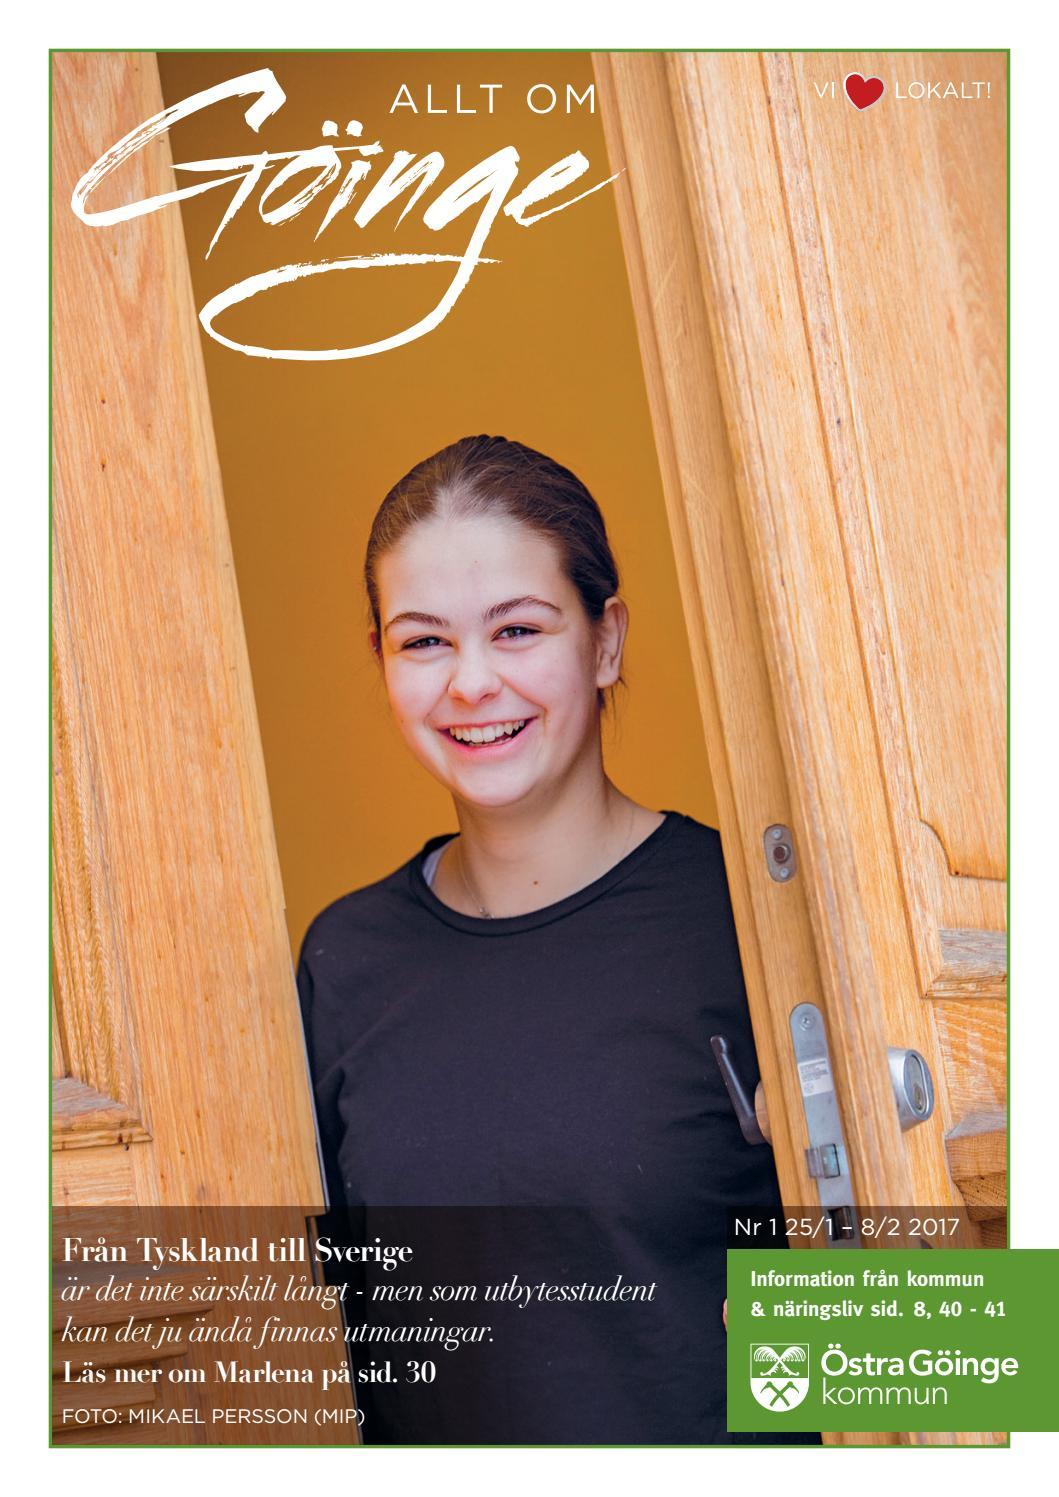 Chatta och dejta online i Karlskoga | Trffa kvinnor och mn i